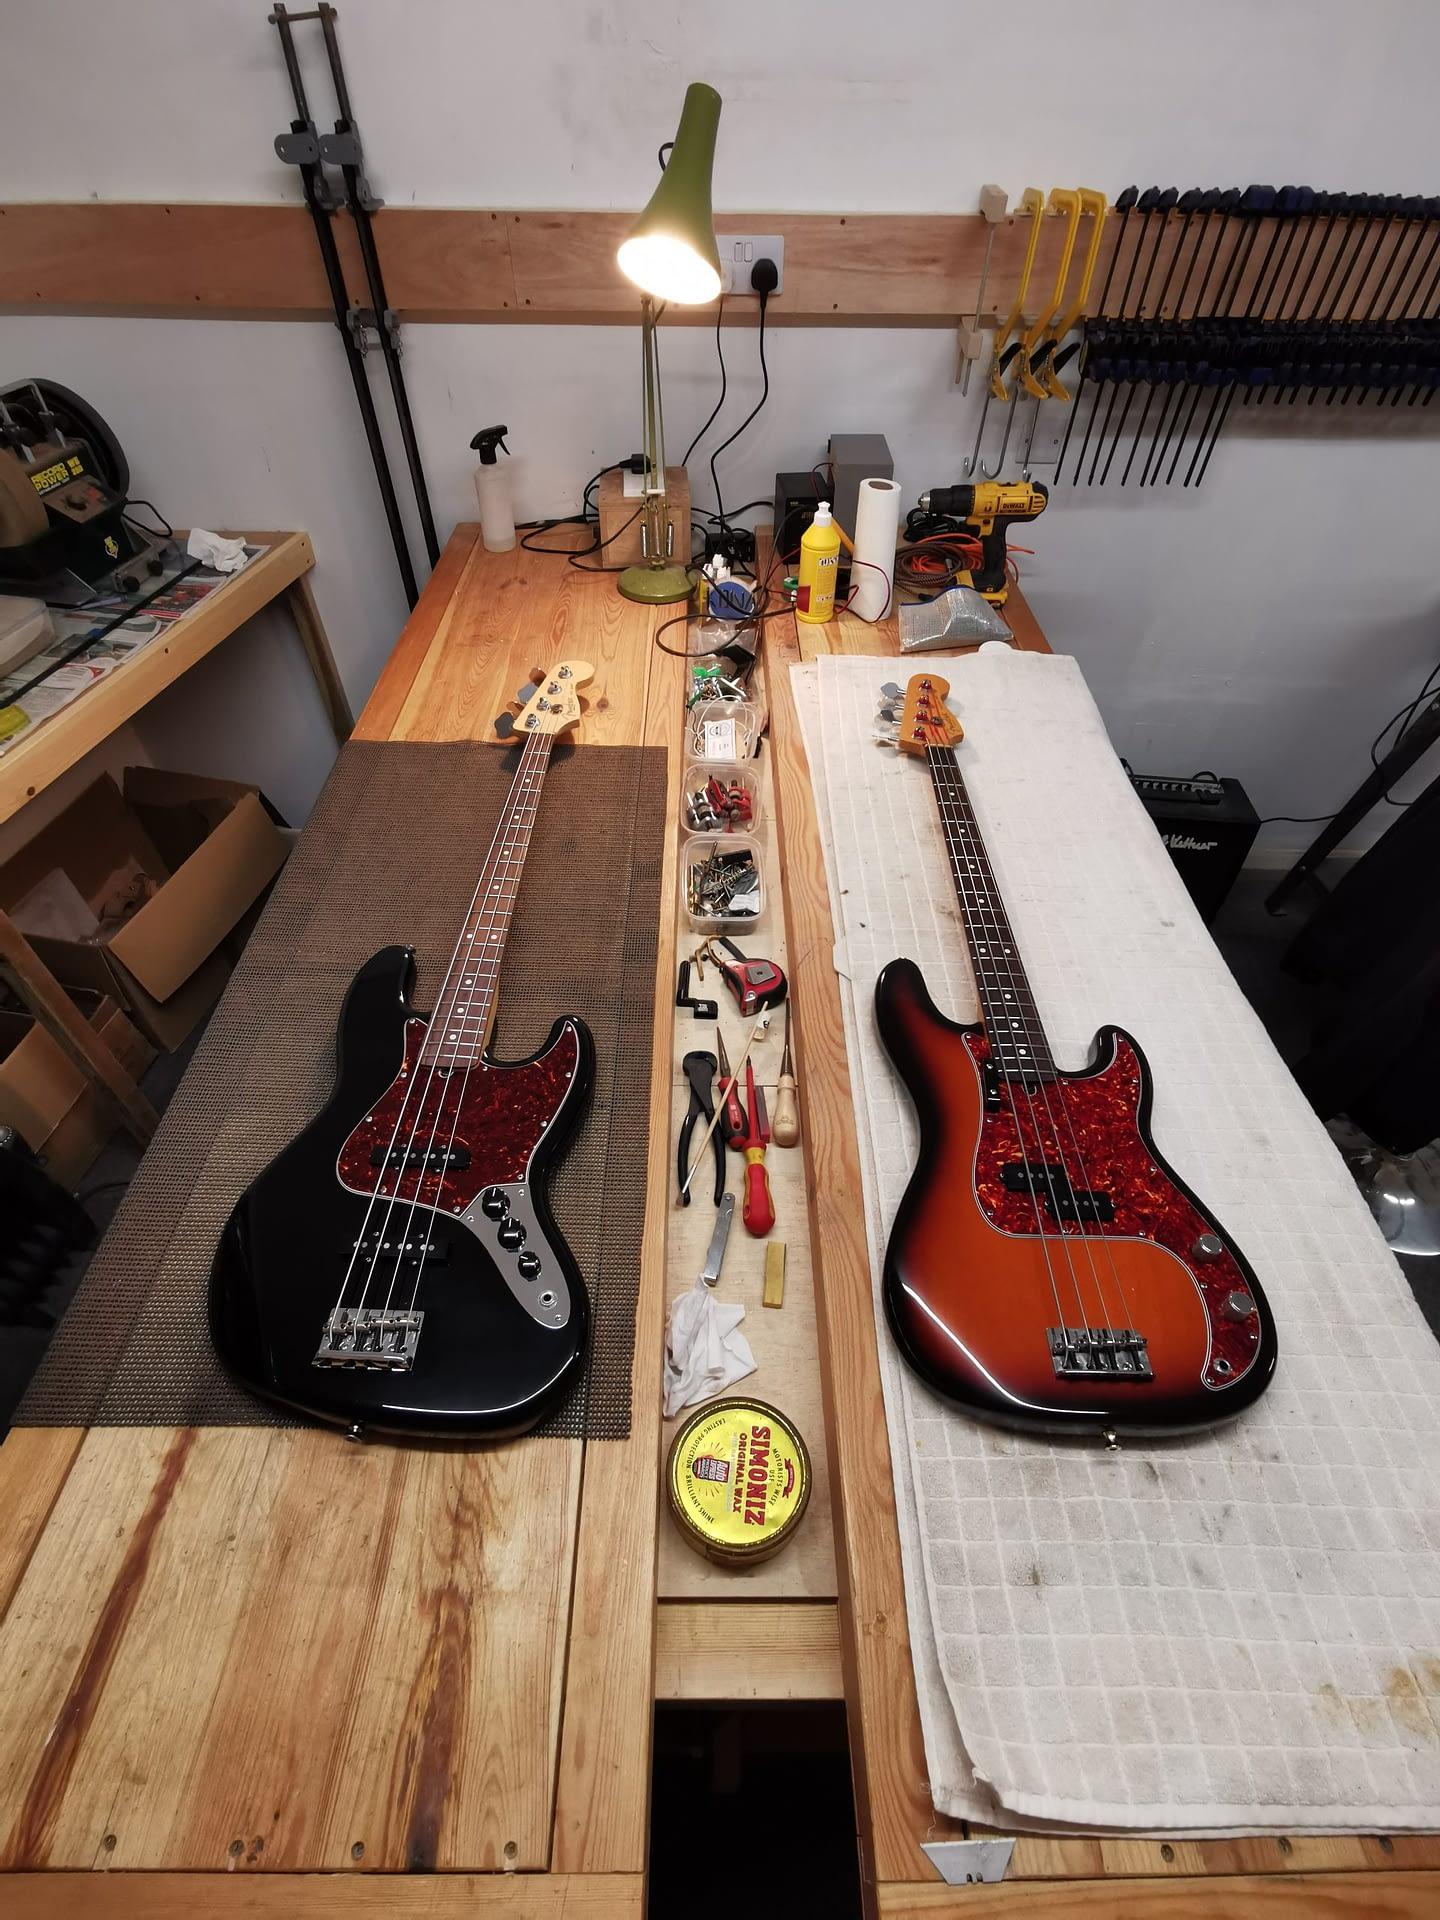 Pair of Fender Basses guitar repair stroud